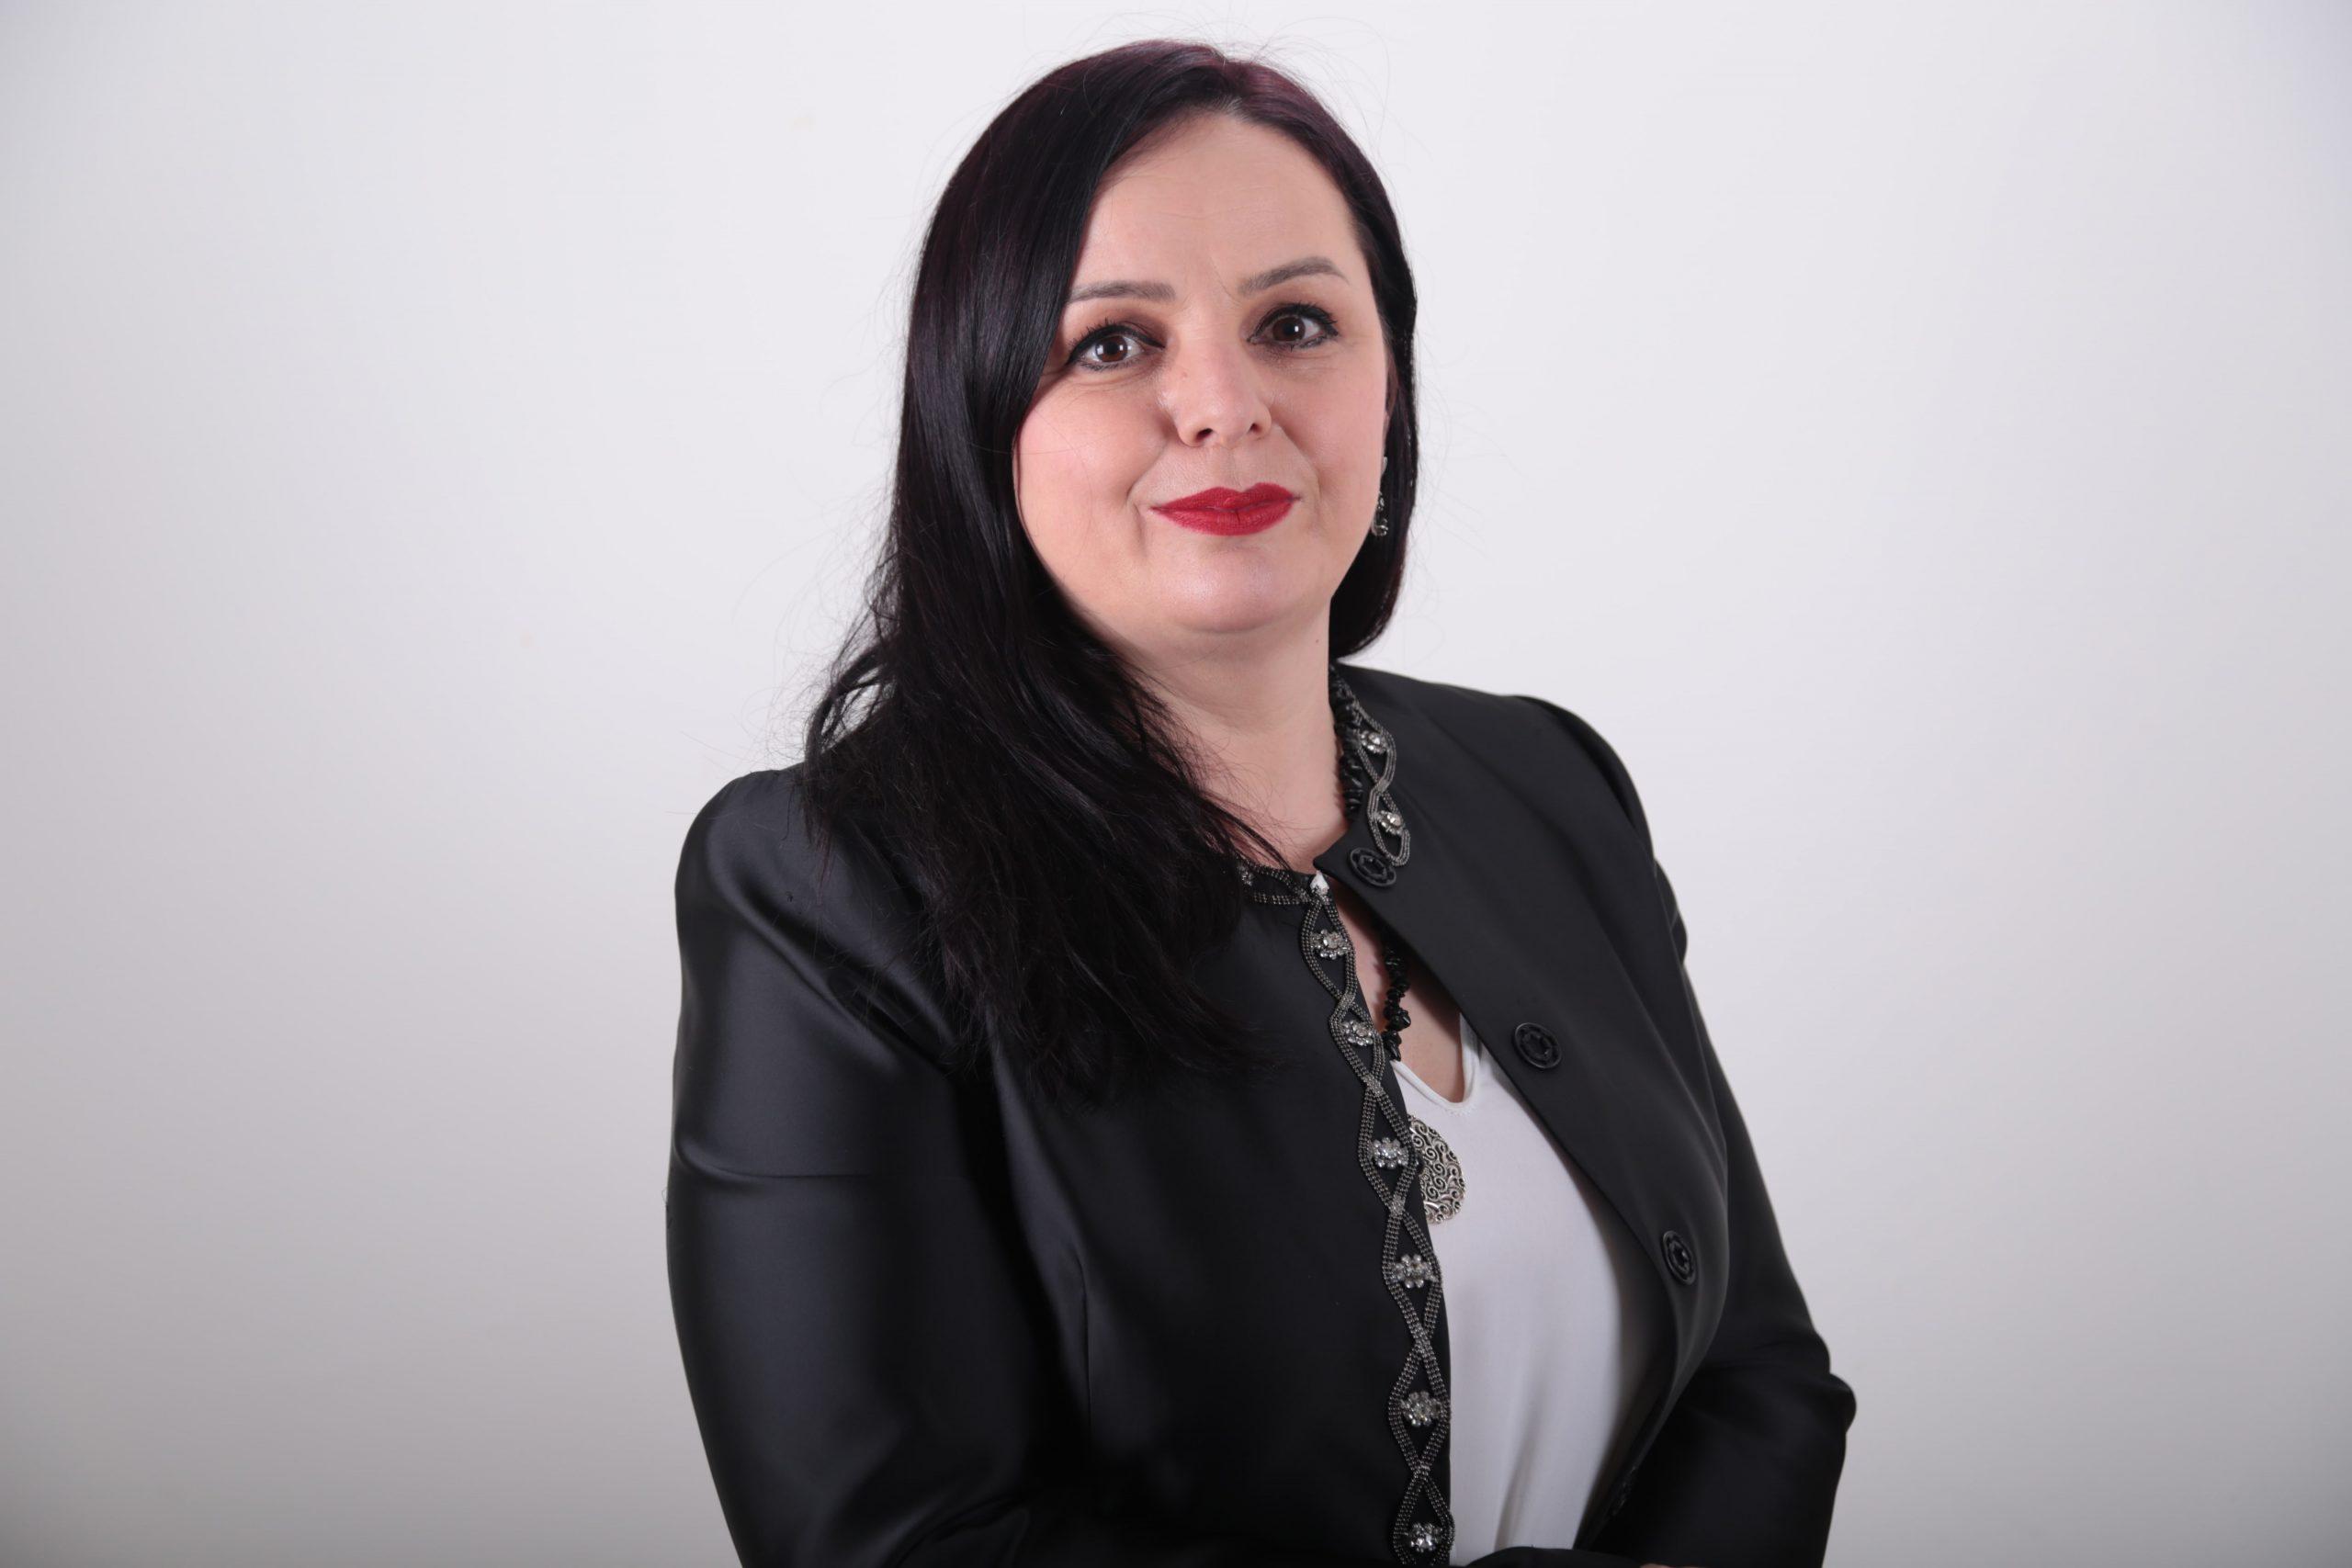 Emine Daci Zenjullahi